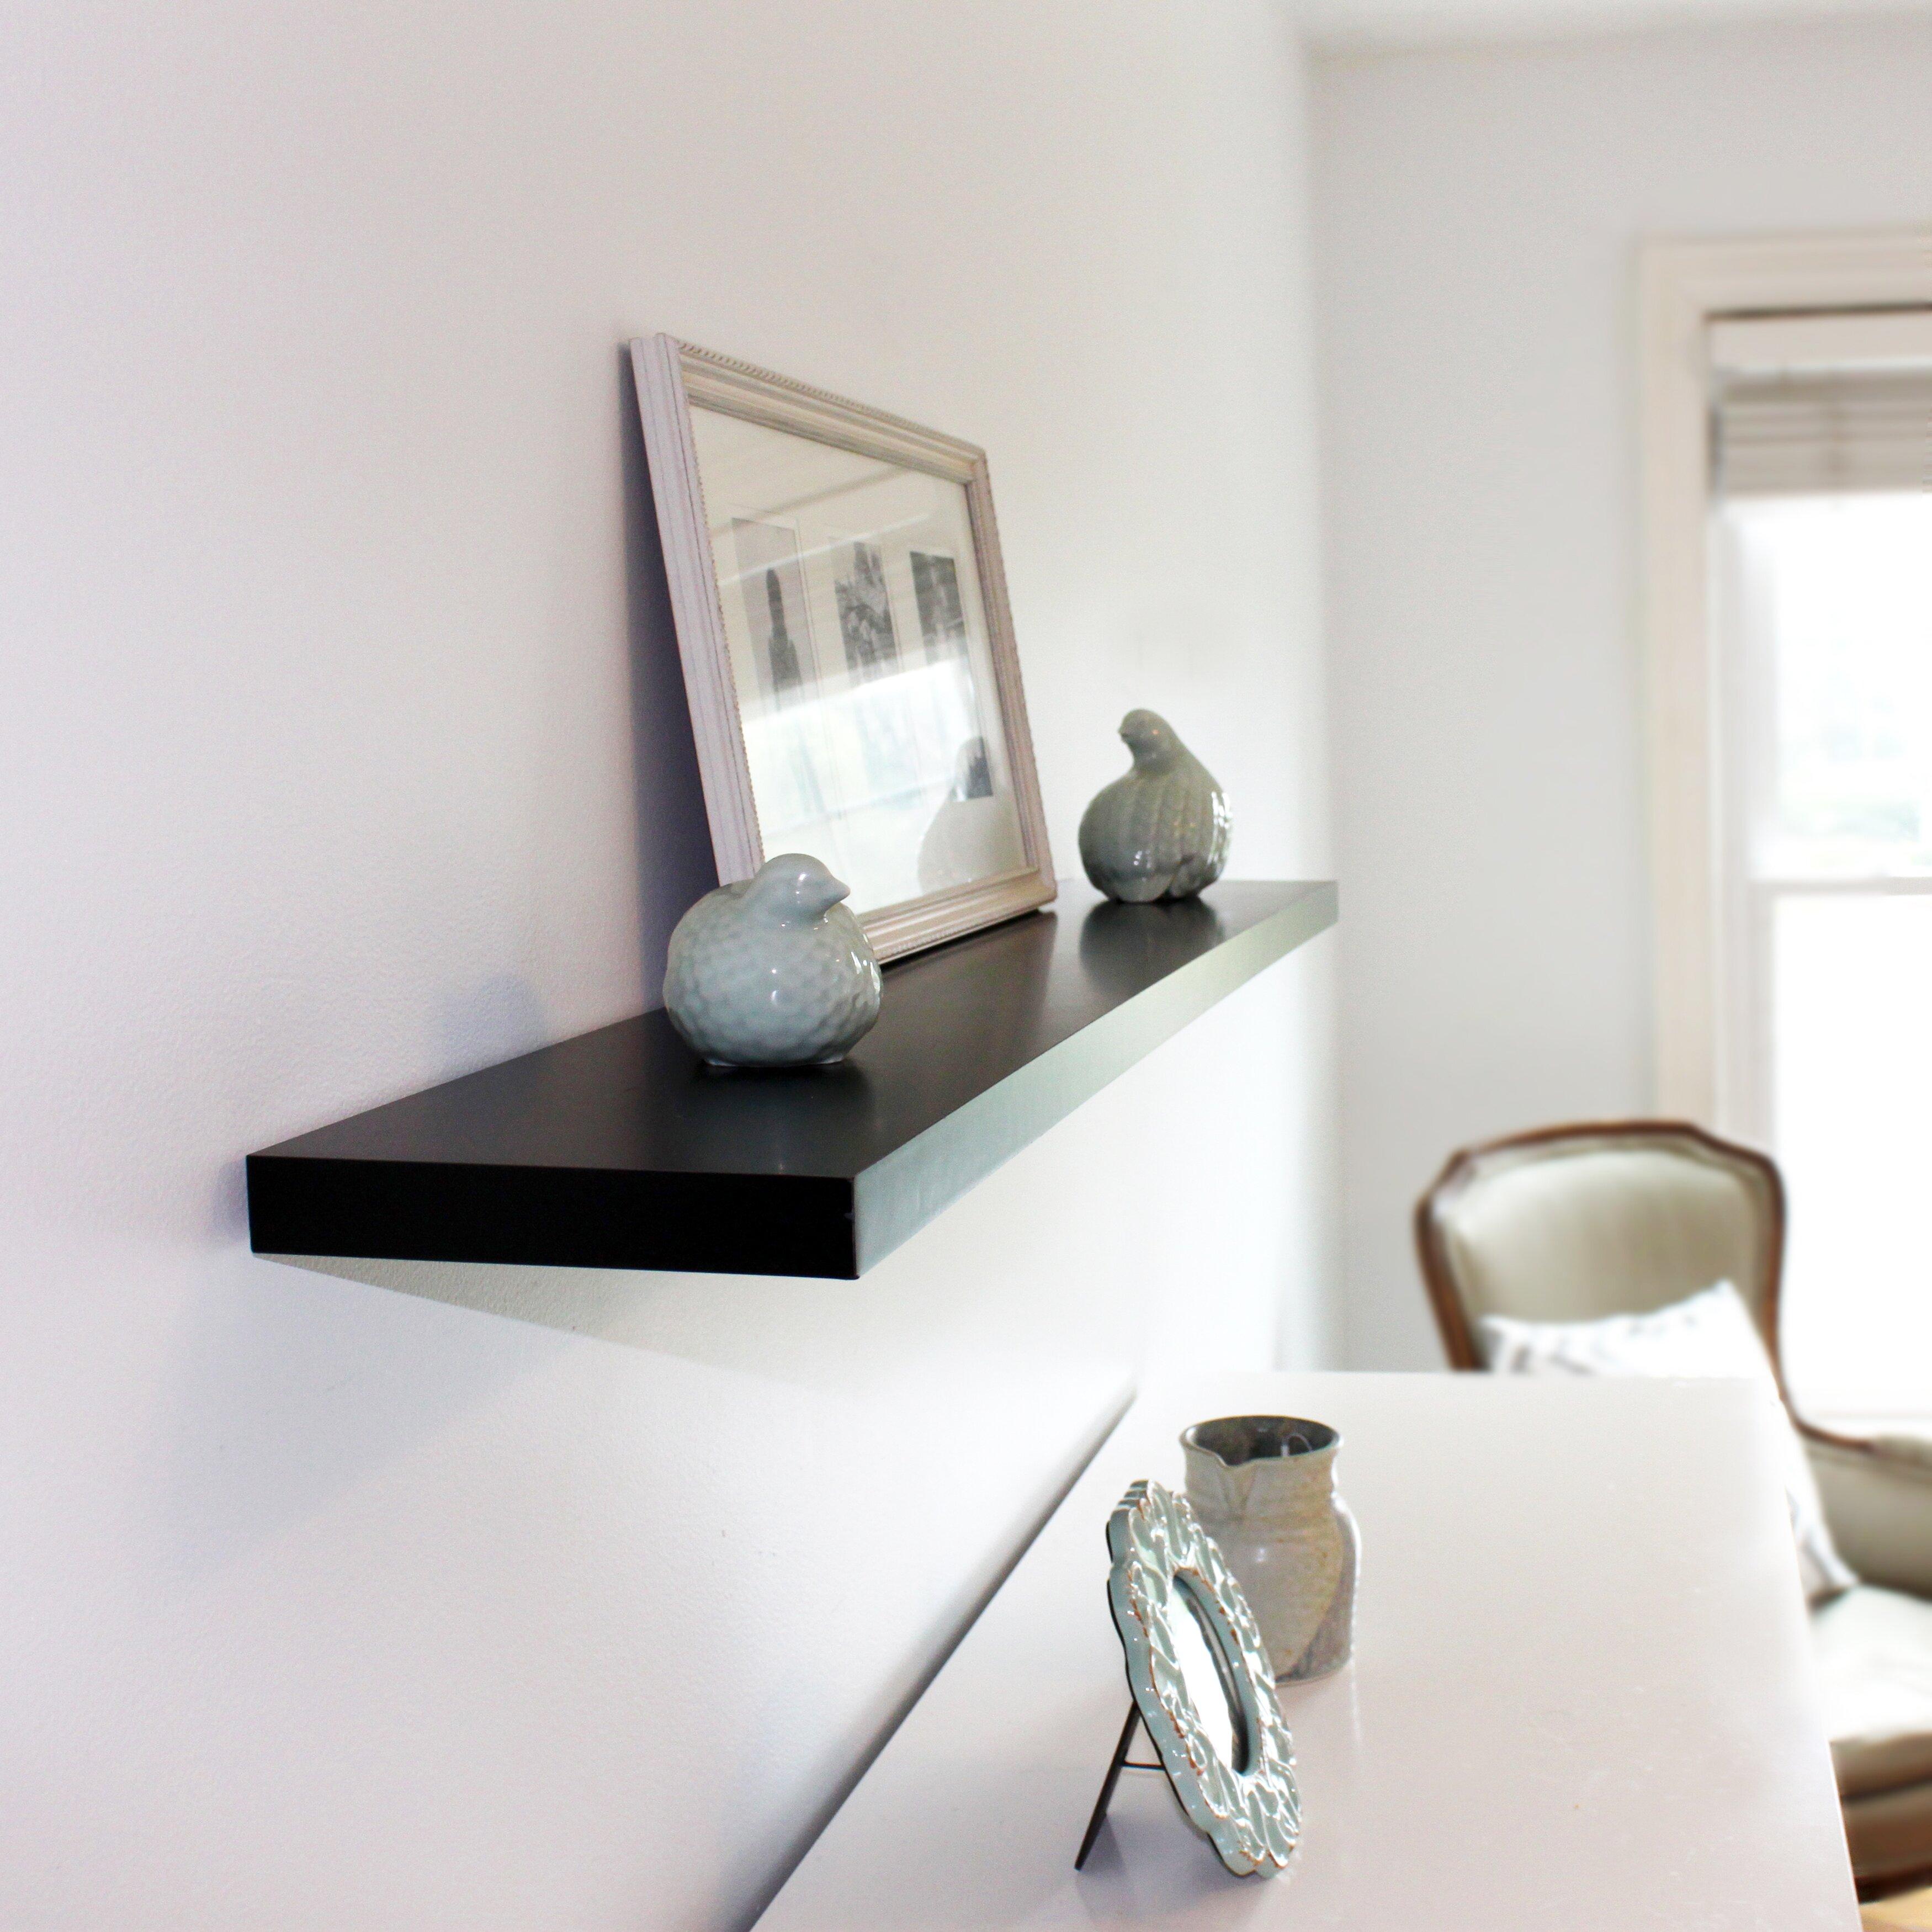 Inplace Shelving Floating Wall Shelf Reviews Wayfair